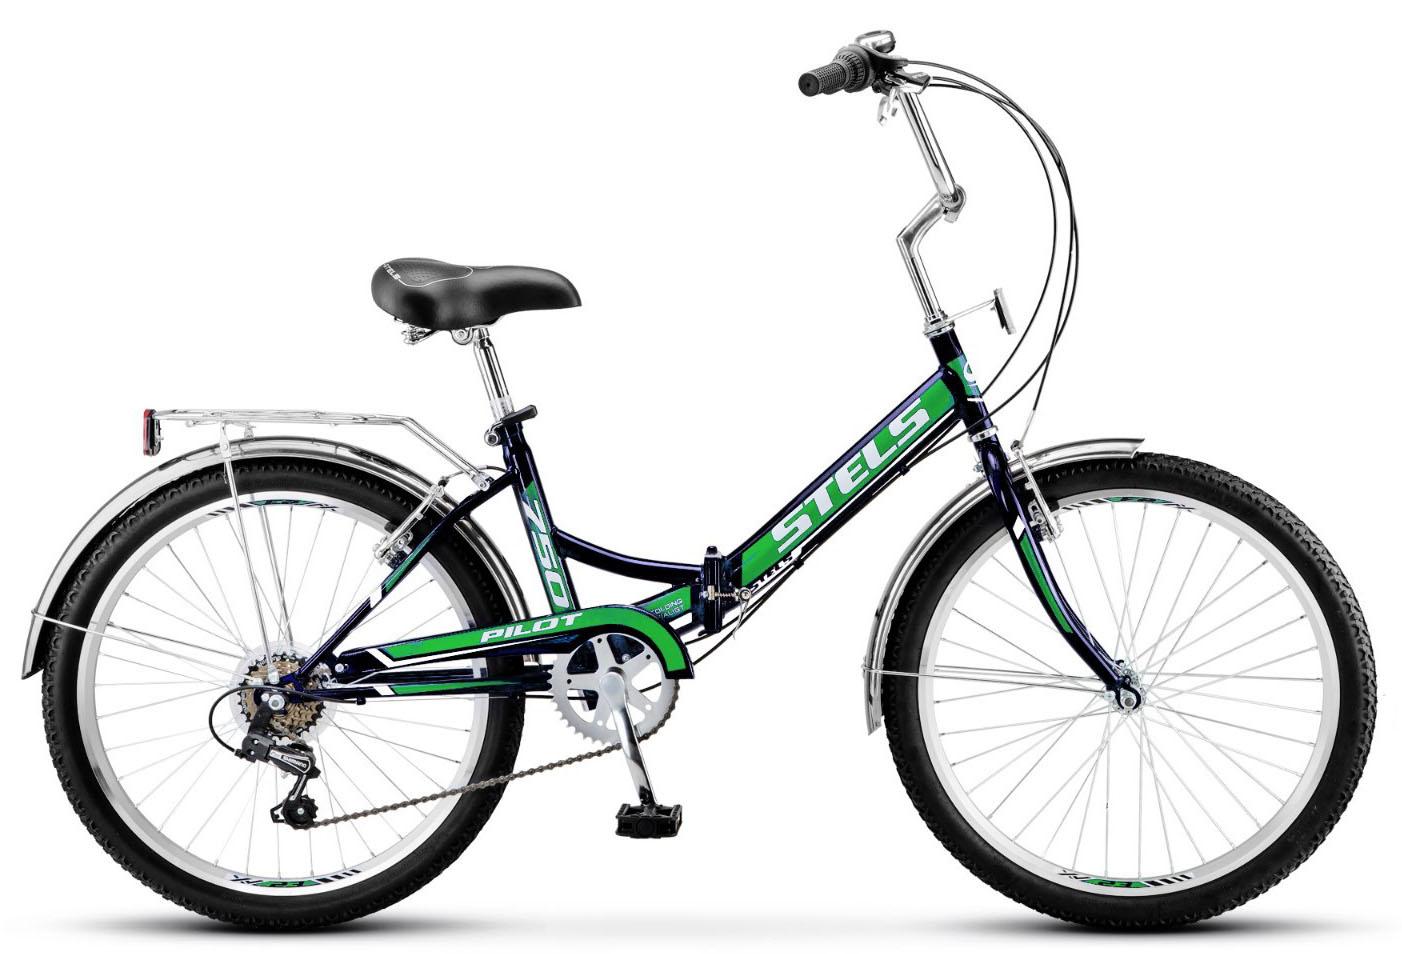 Велосипед Stels Pilot 750 24 (Z010) 2018 велосипед stels pilot 710 24 z010 2018 колесо 24 рама 16 синий синий